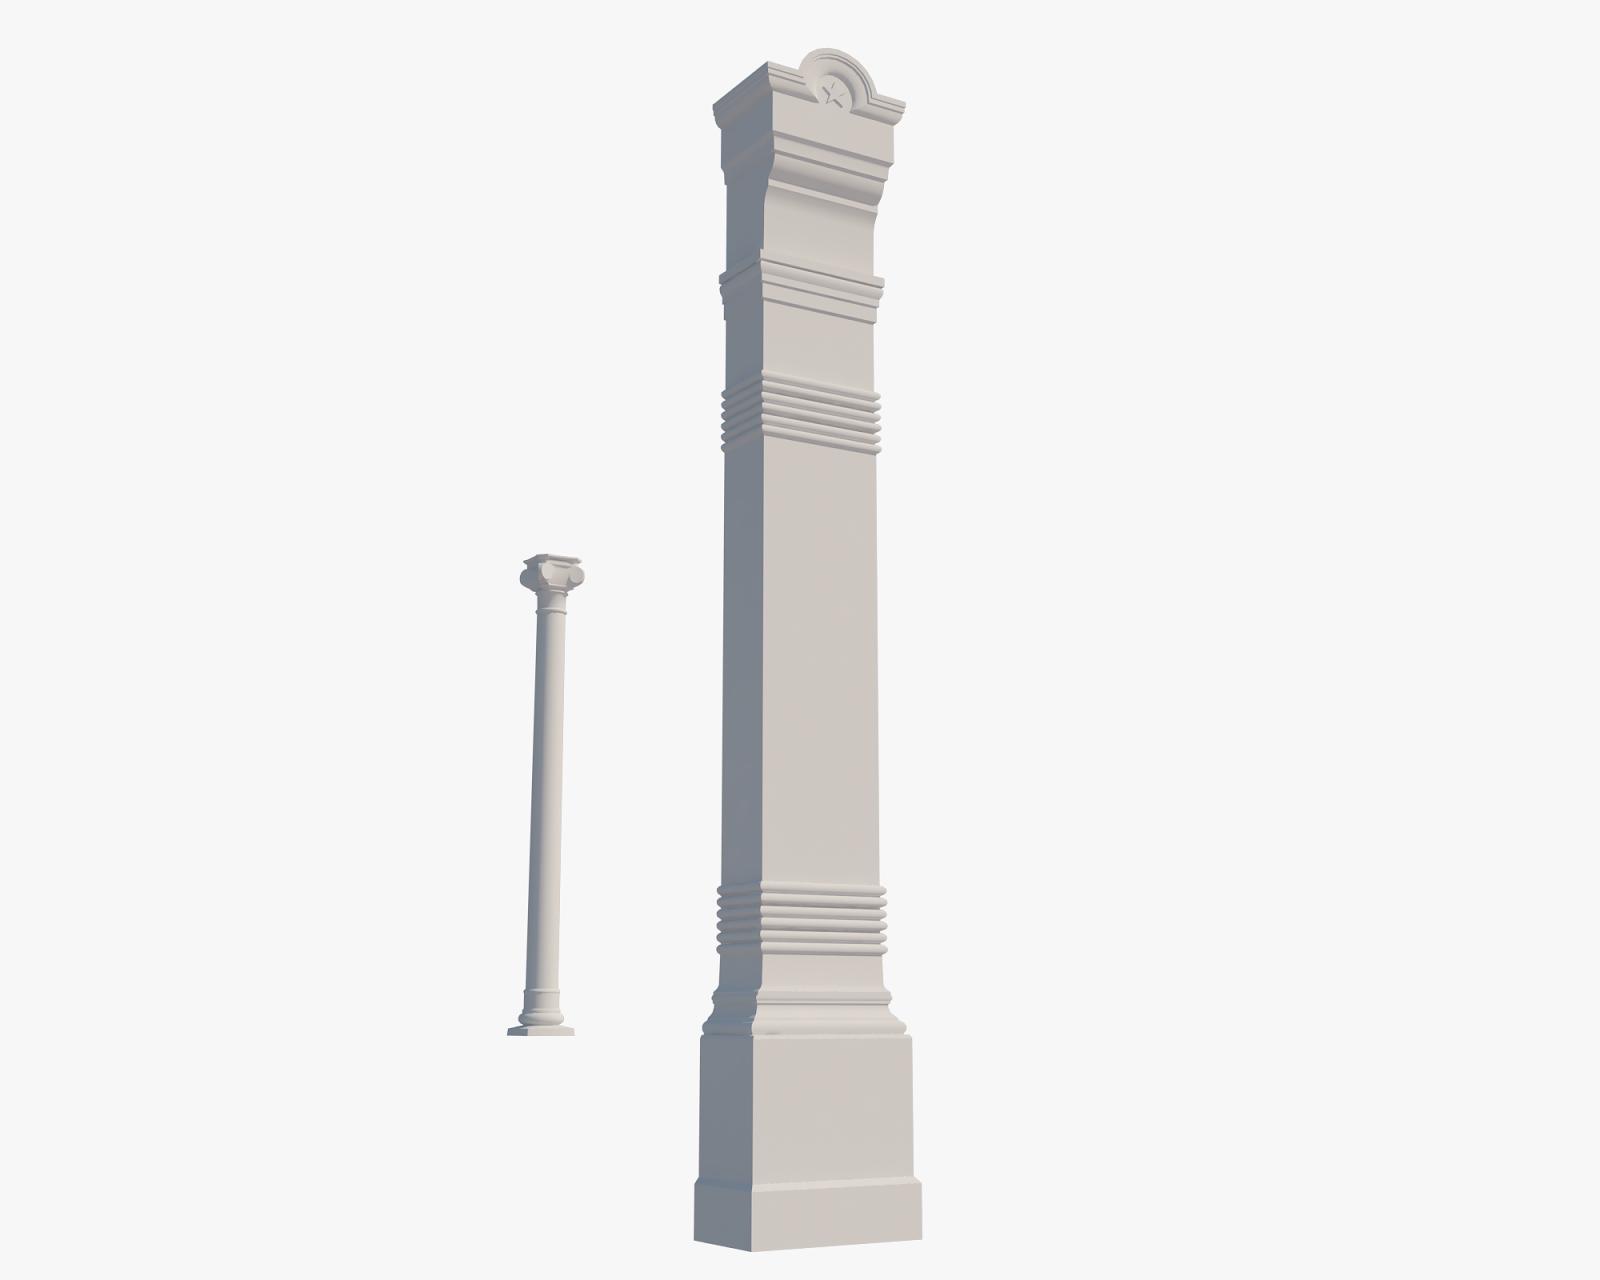 Pillar and column